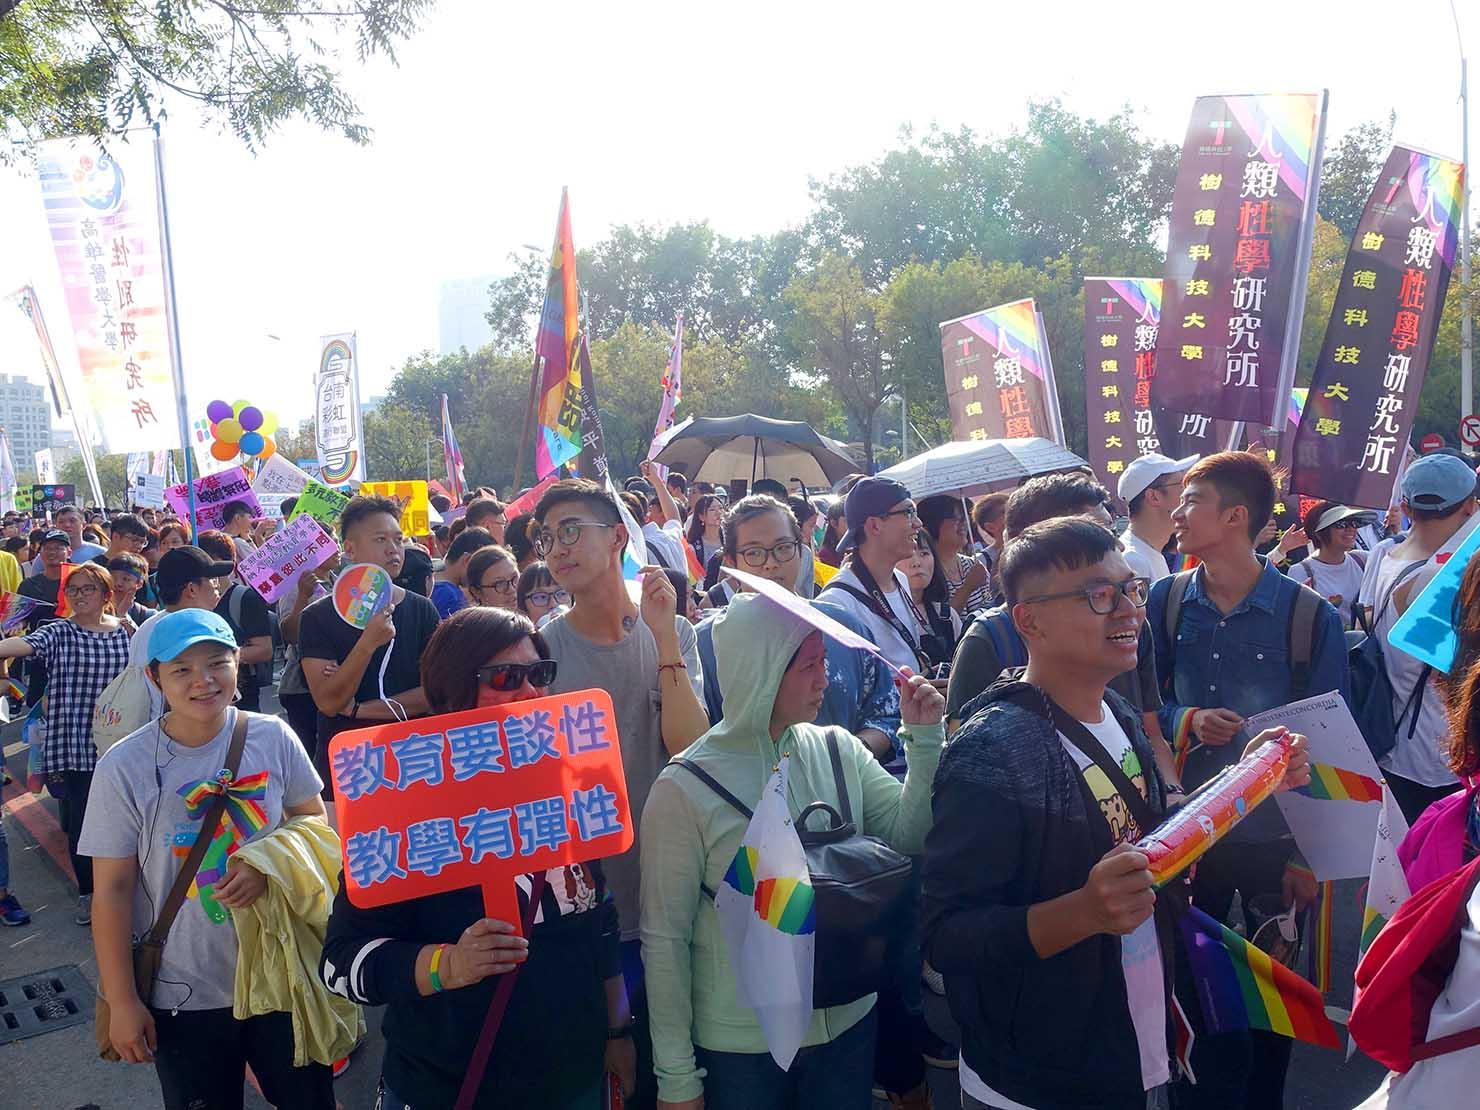 高雄同志大遊行(高雄レインボーパレード)2017でプラカードを掲げて歩く参加者たち